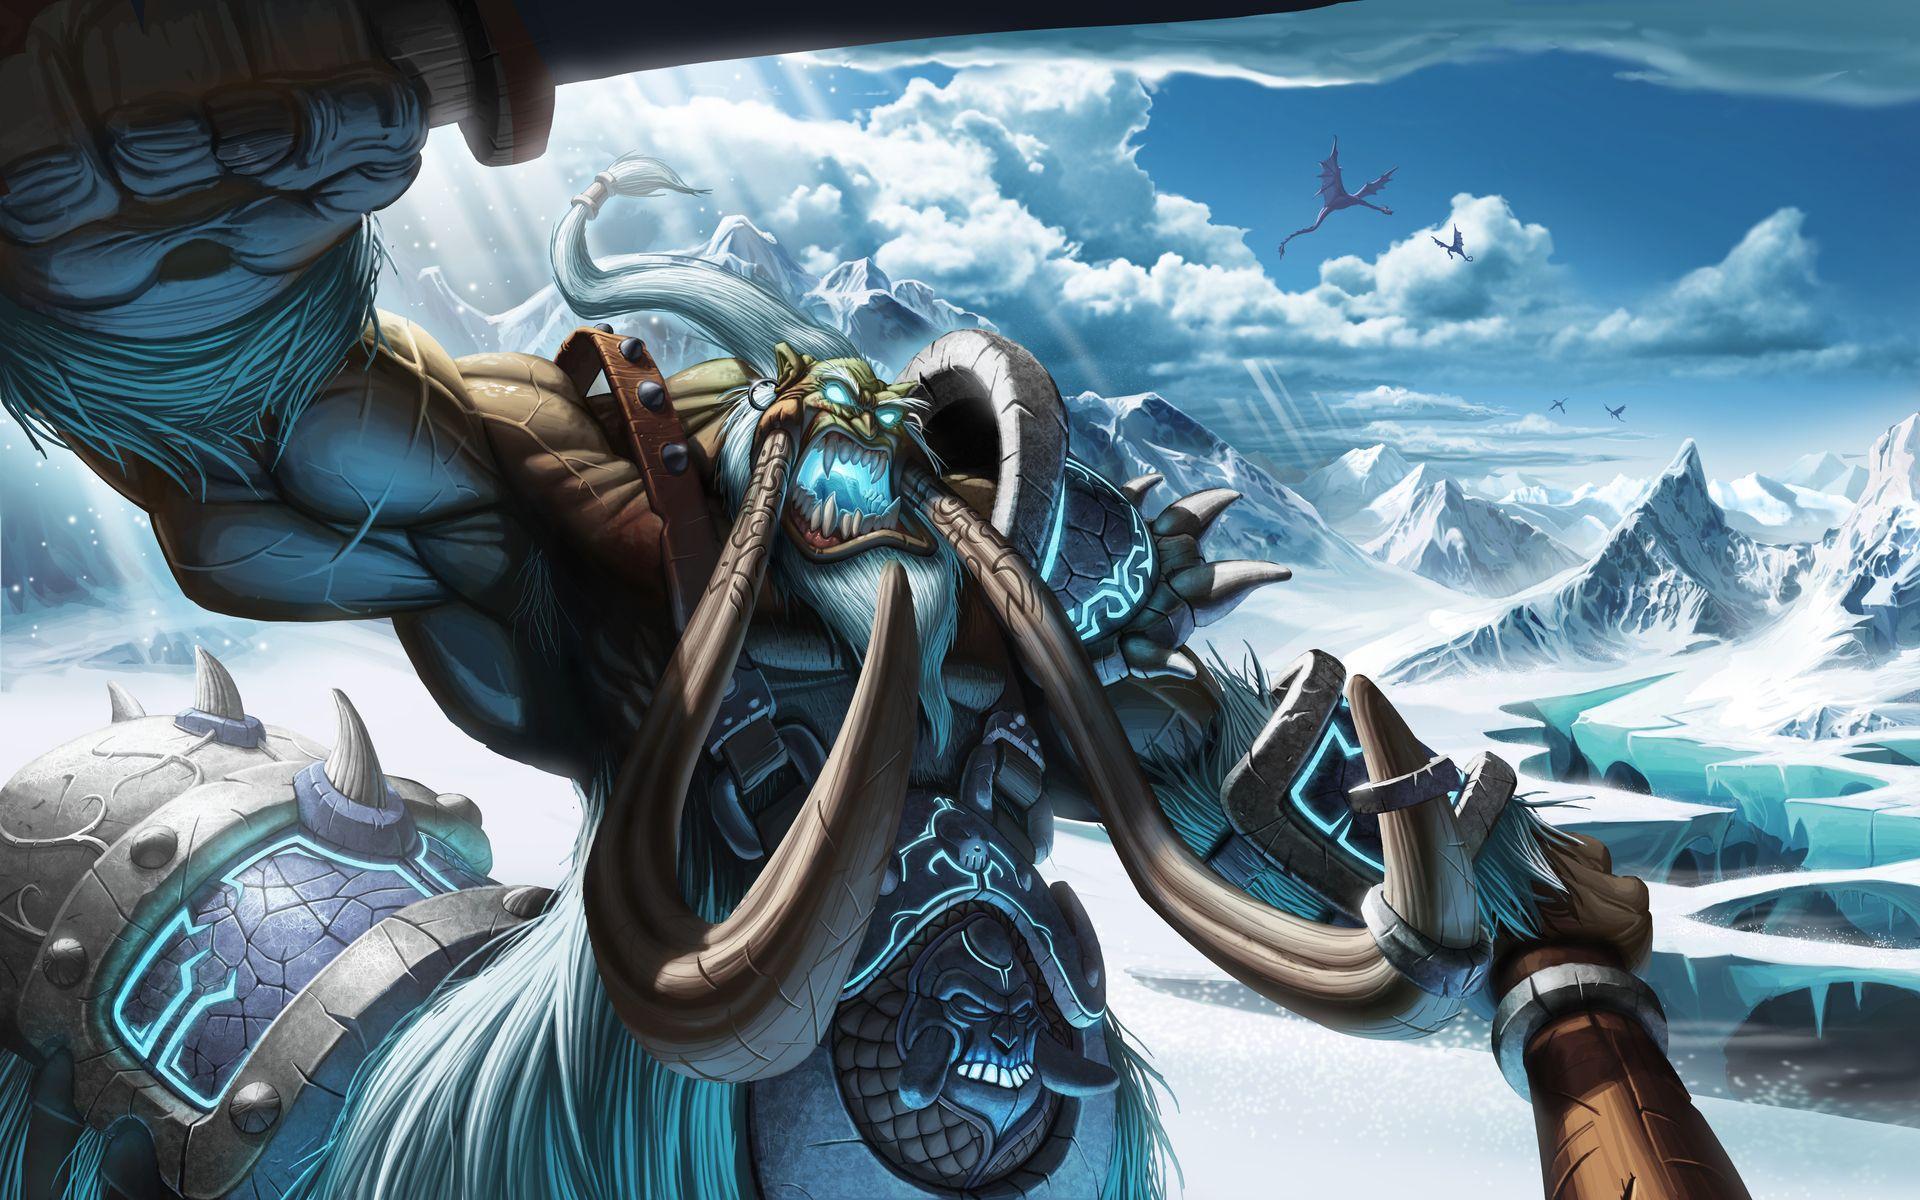 Как создавался world of warcraft: взгляд изнутри на 20 лет разработки / хабр